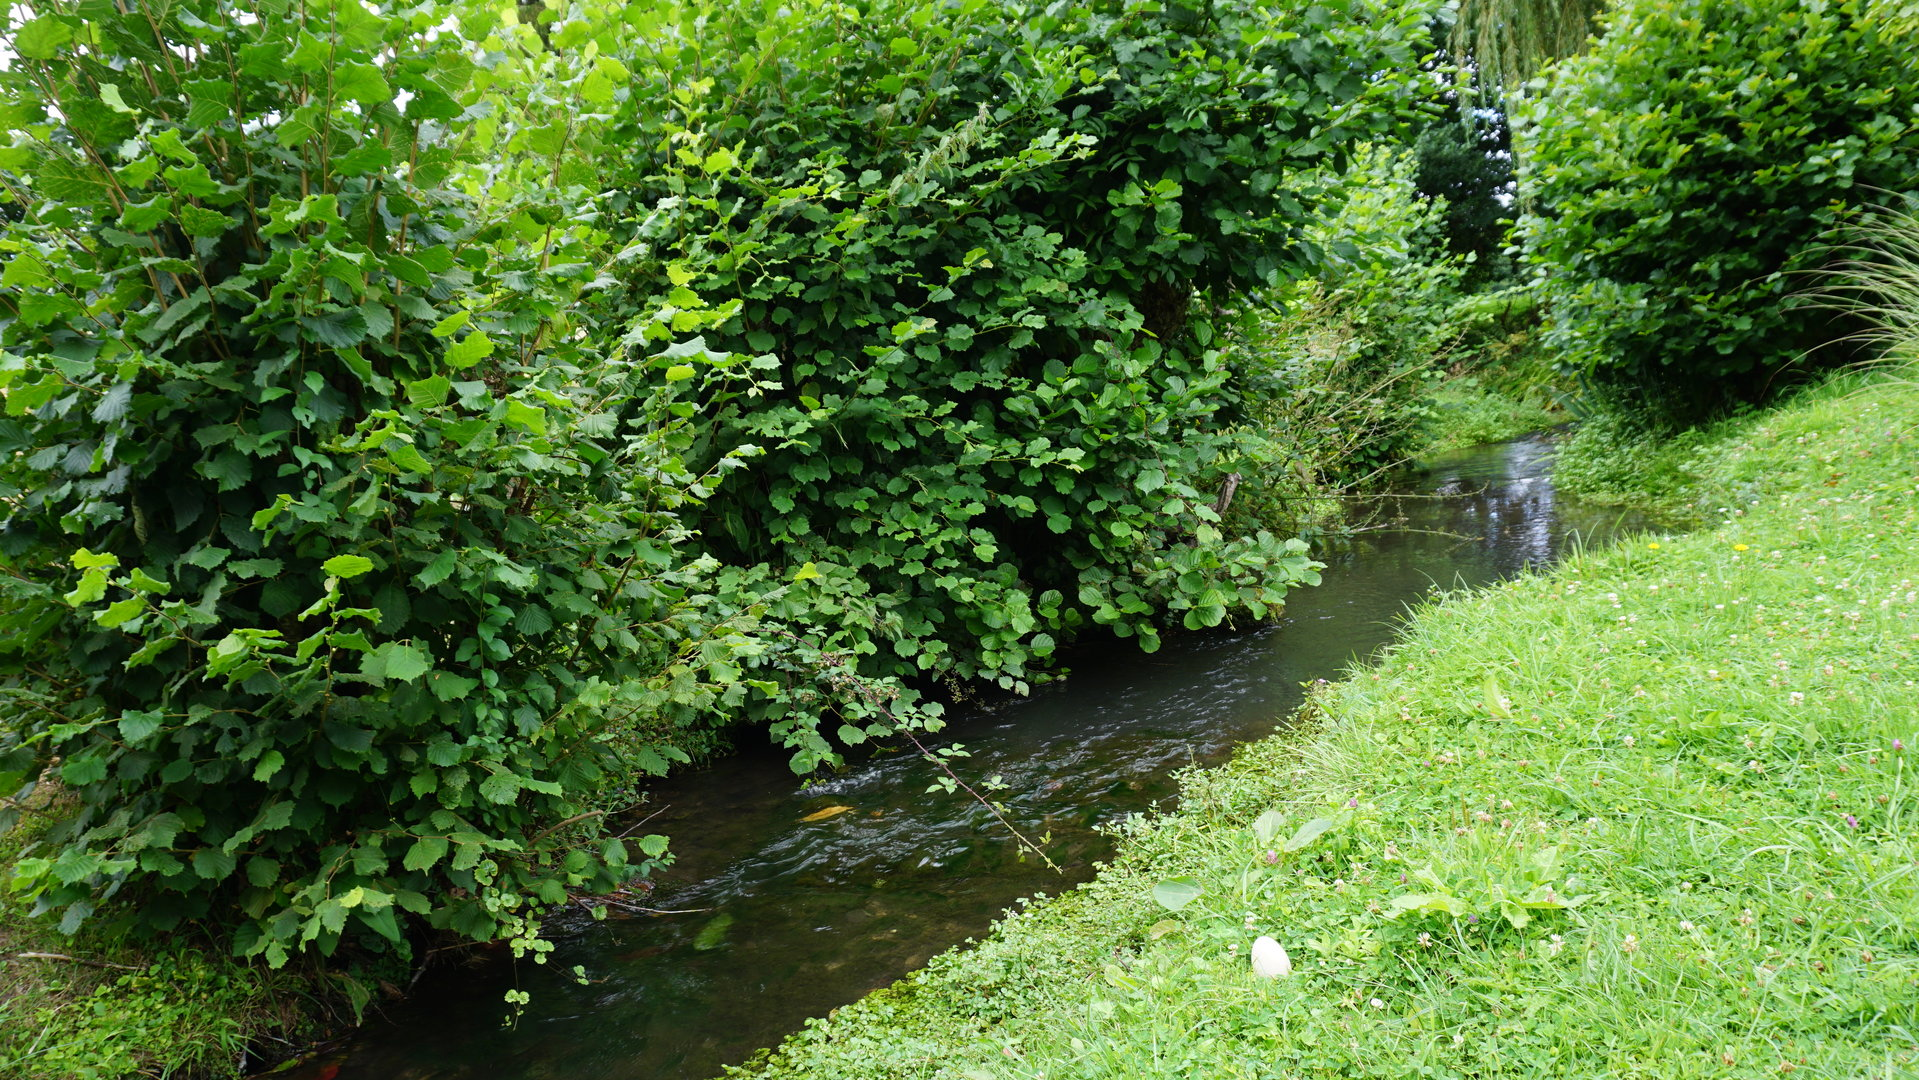 PAYS D'AUGE-CALVADOS Un Manoir avec 2ha53a94caha de prairie, un ruisseau qui borde la partie jardin d'agrément.